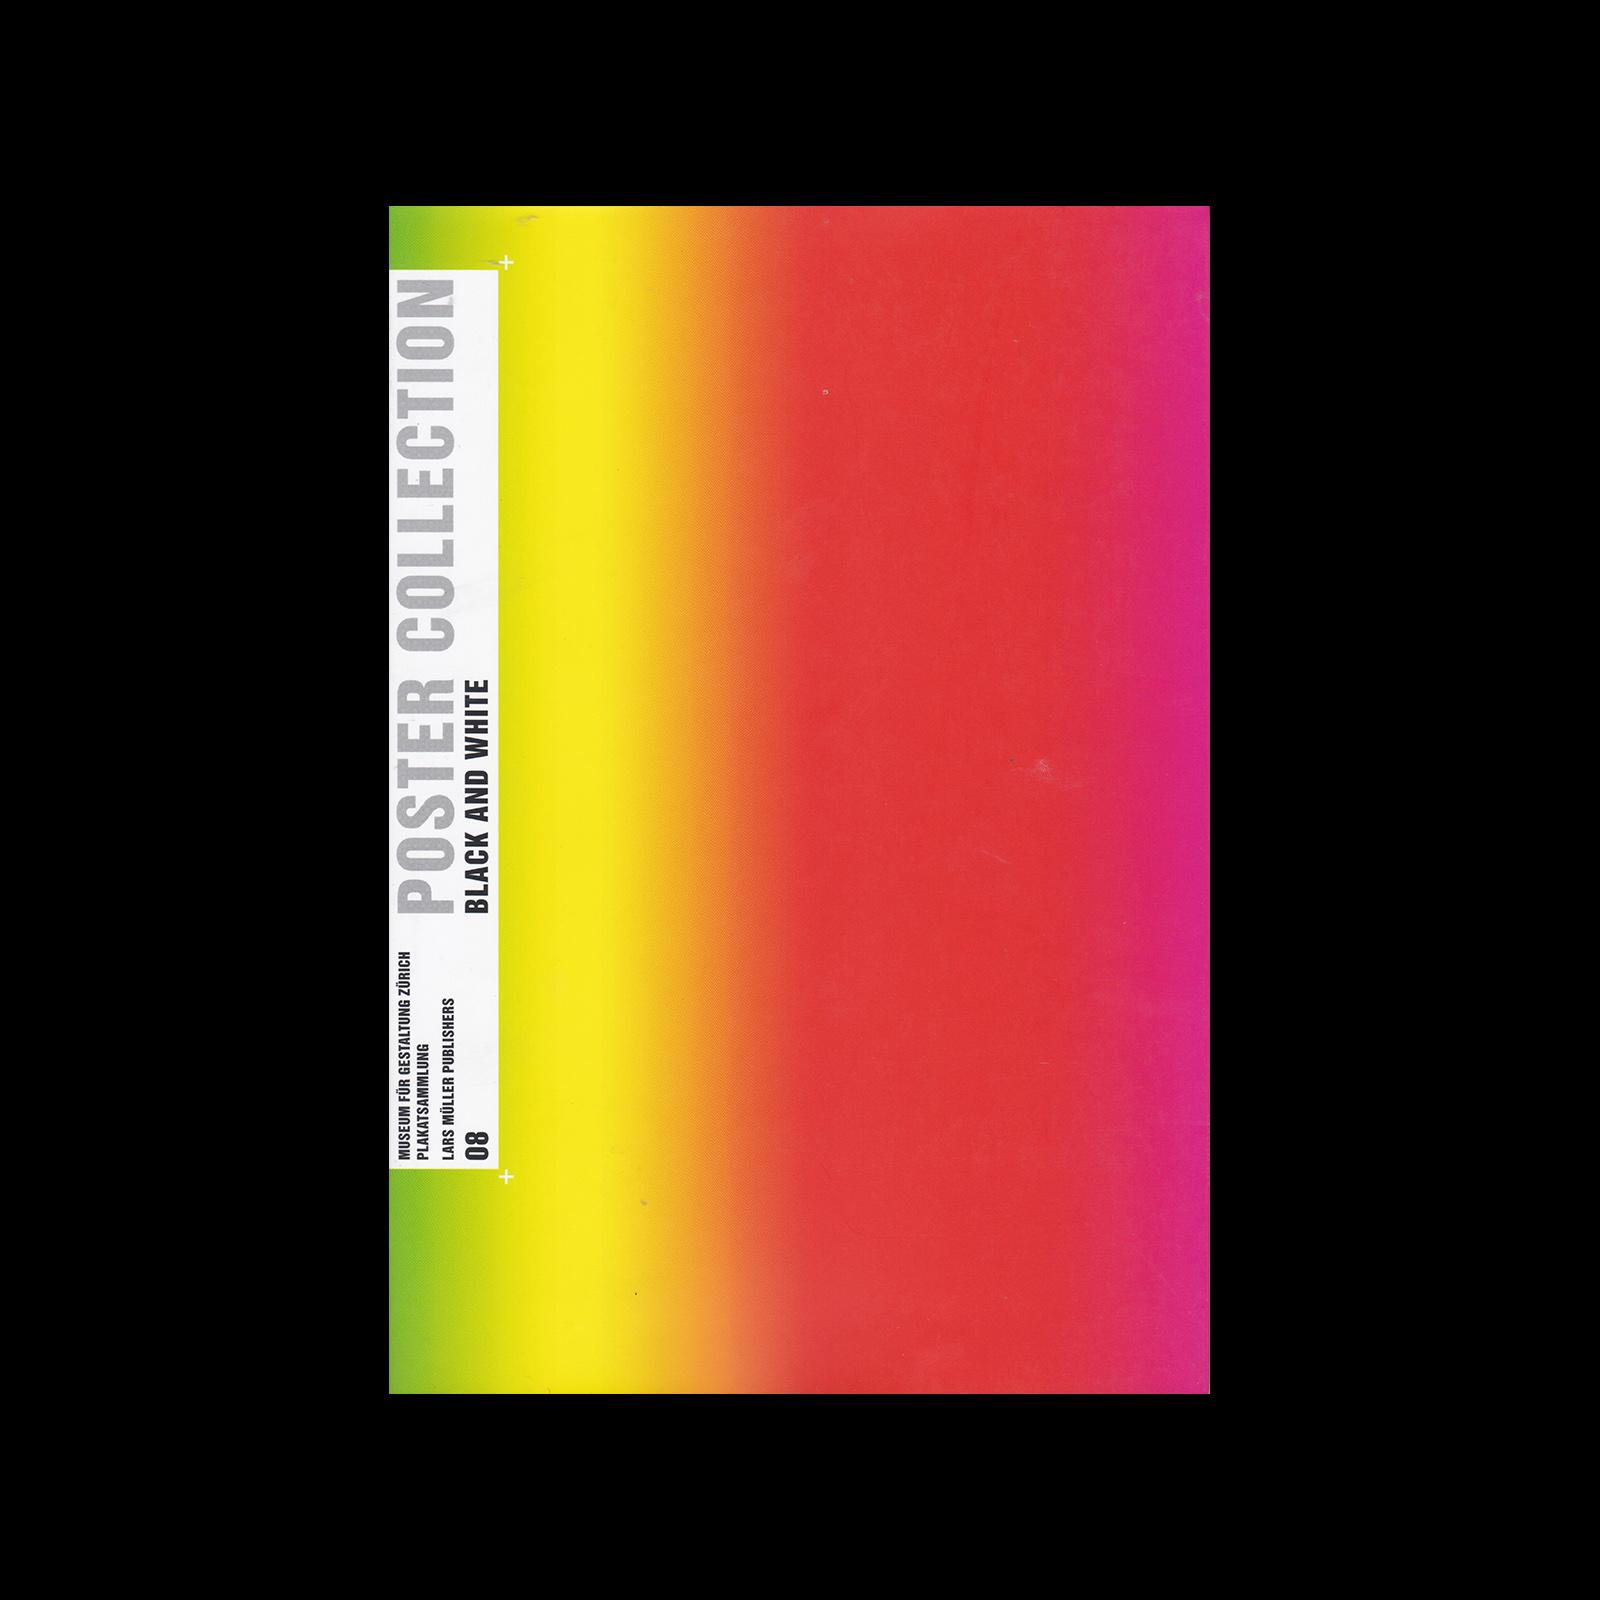 Schwarz und Weiss / Black and White, Poster Collection 8, 2003